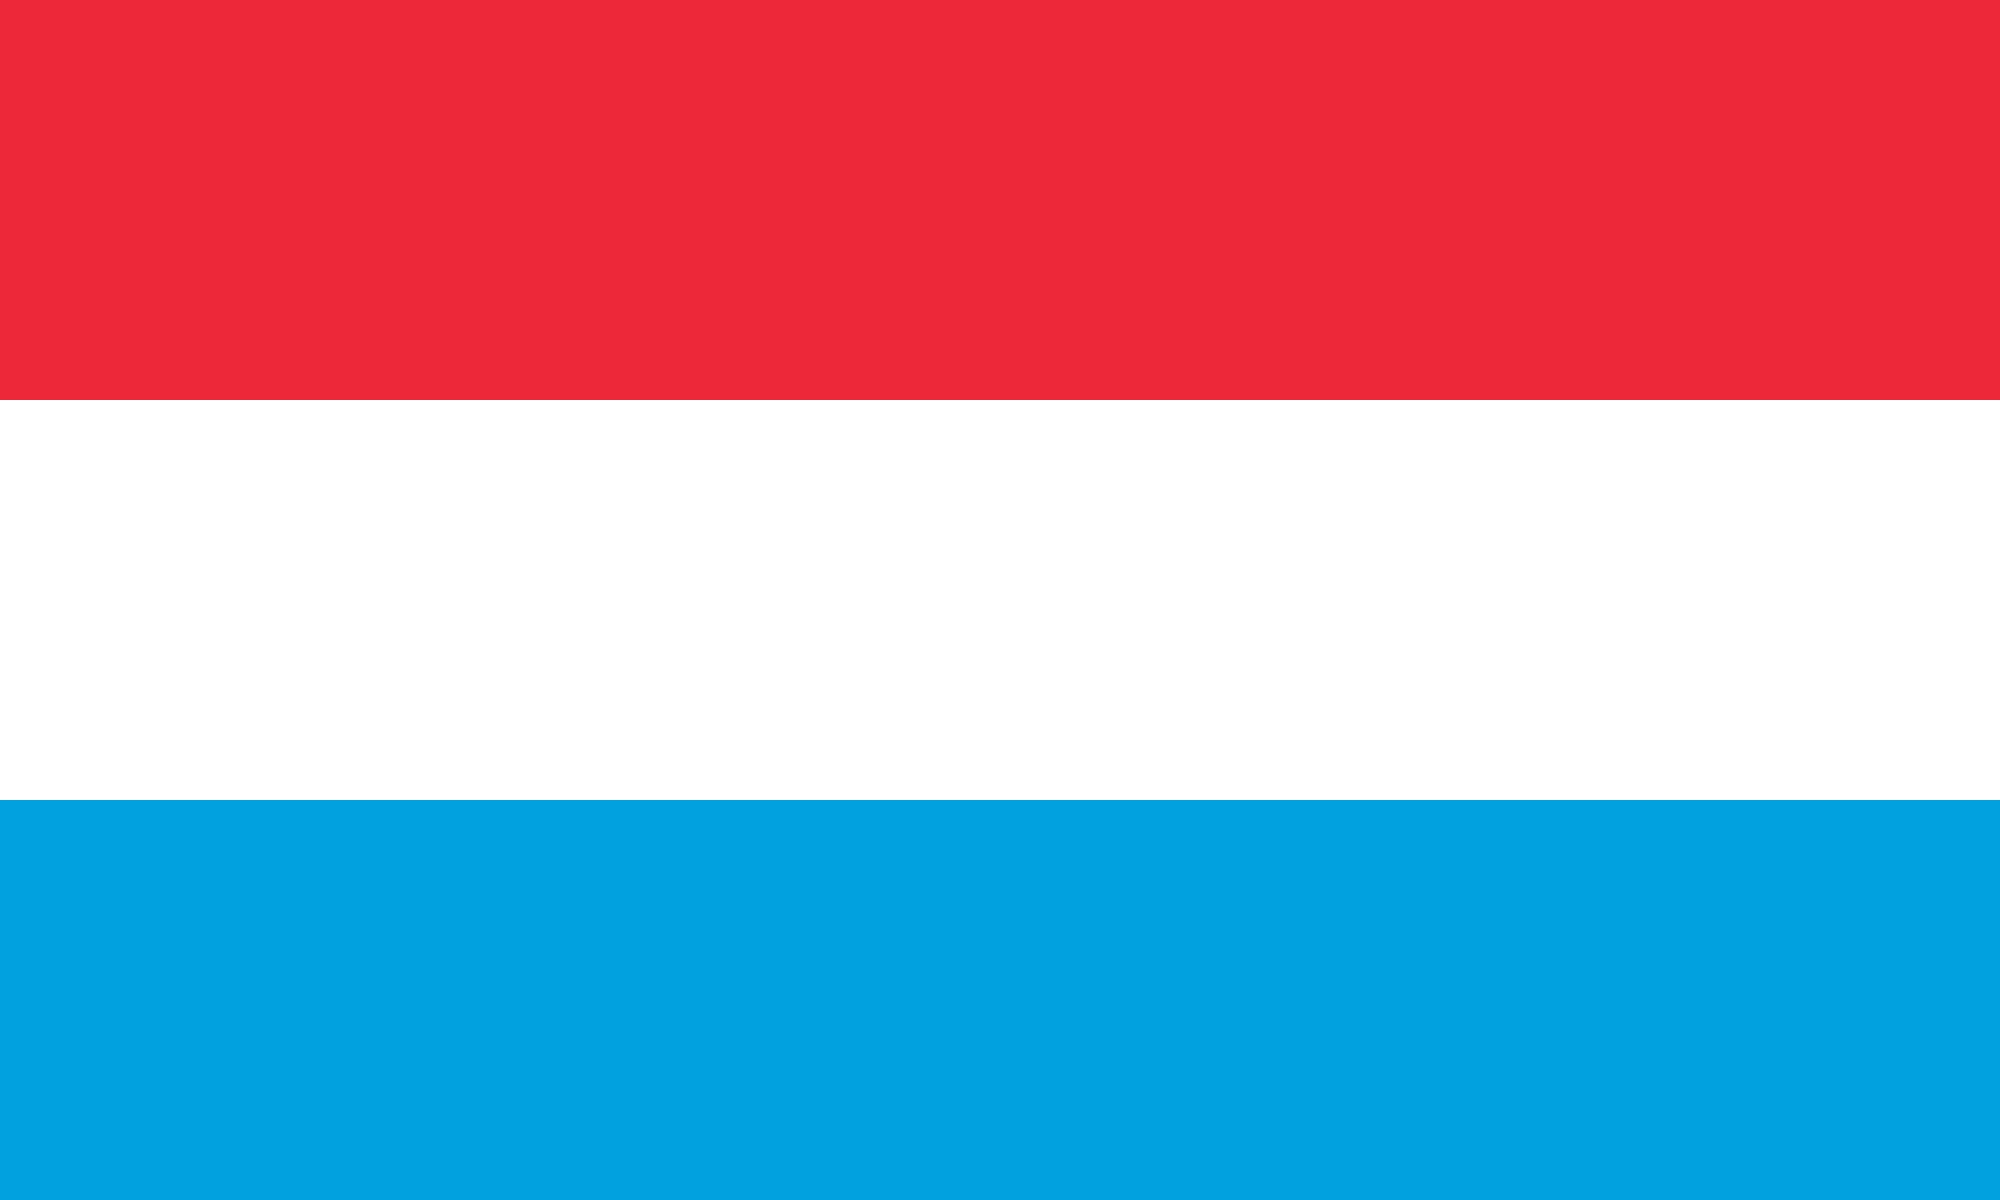 bandiera della russia rbvexit - HD2000×1200